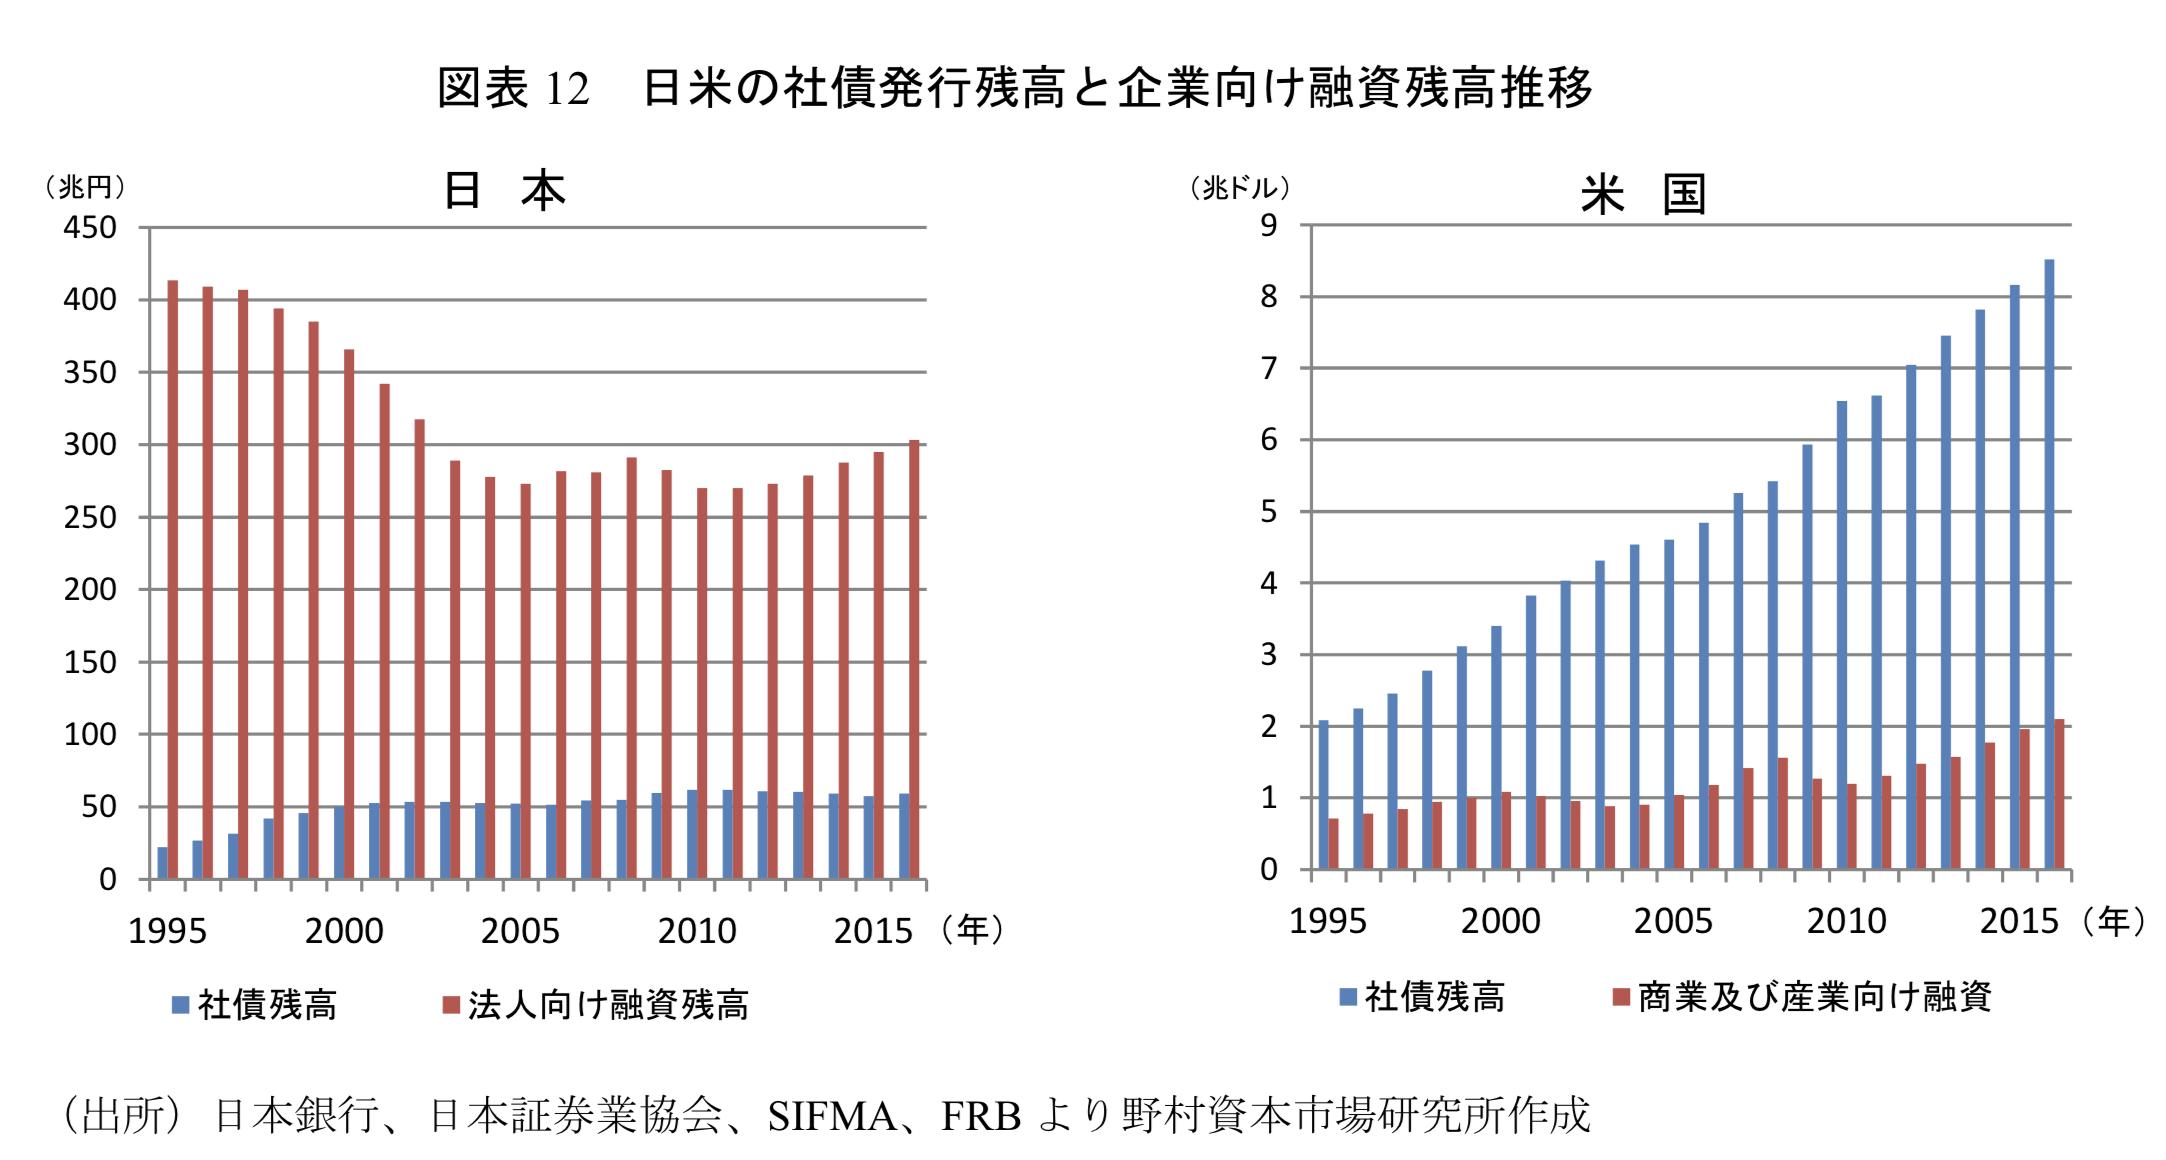 日米の社債発行残高と融資残高の推移